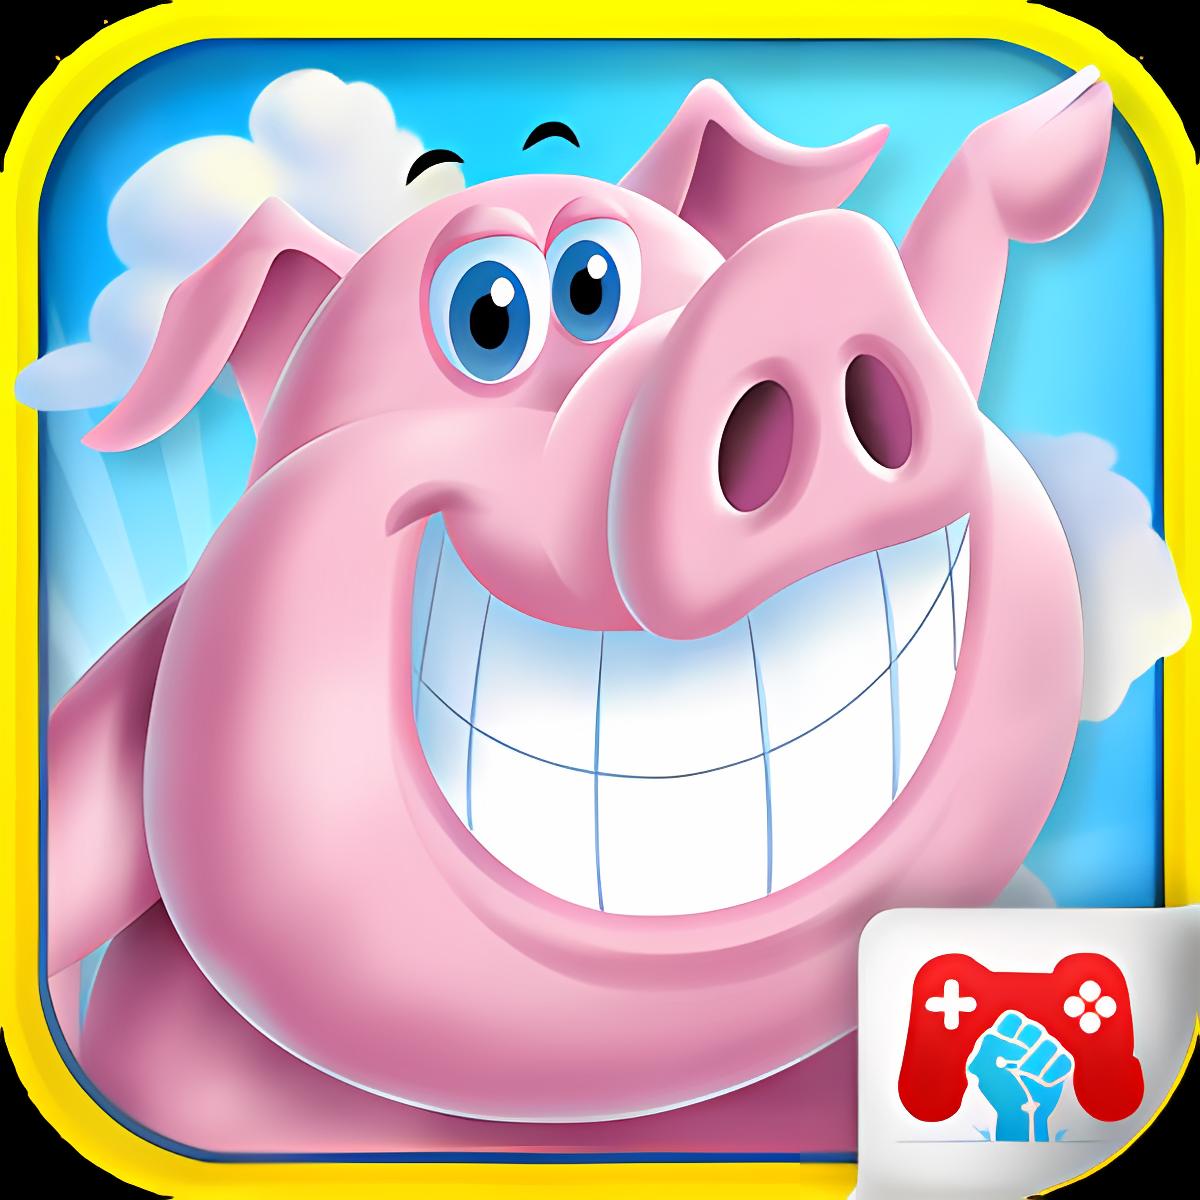 cerdo suicidio